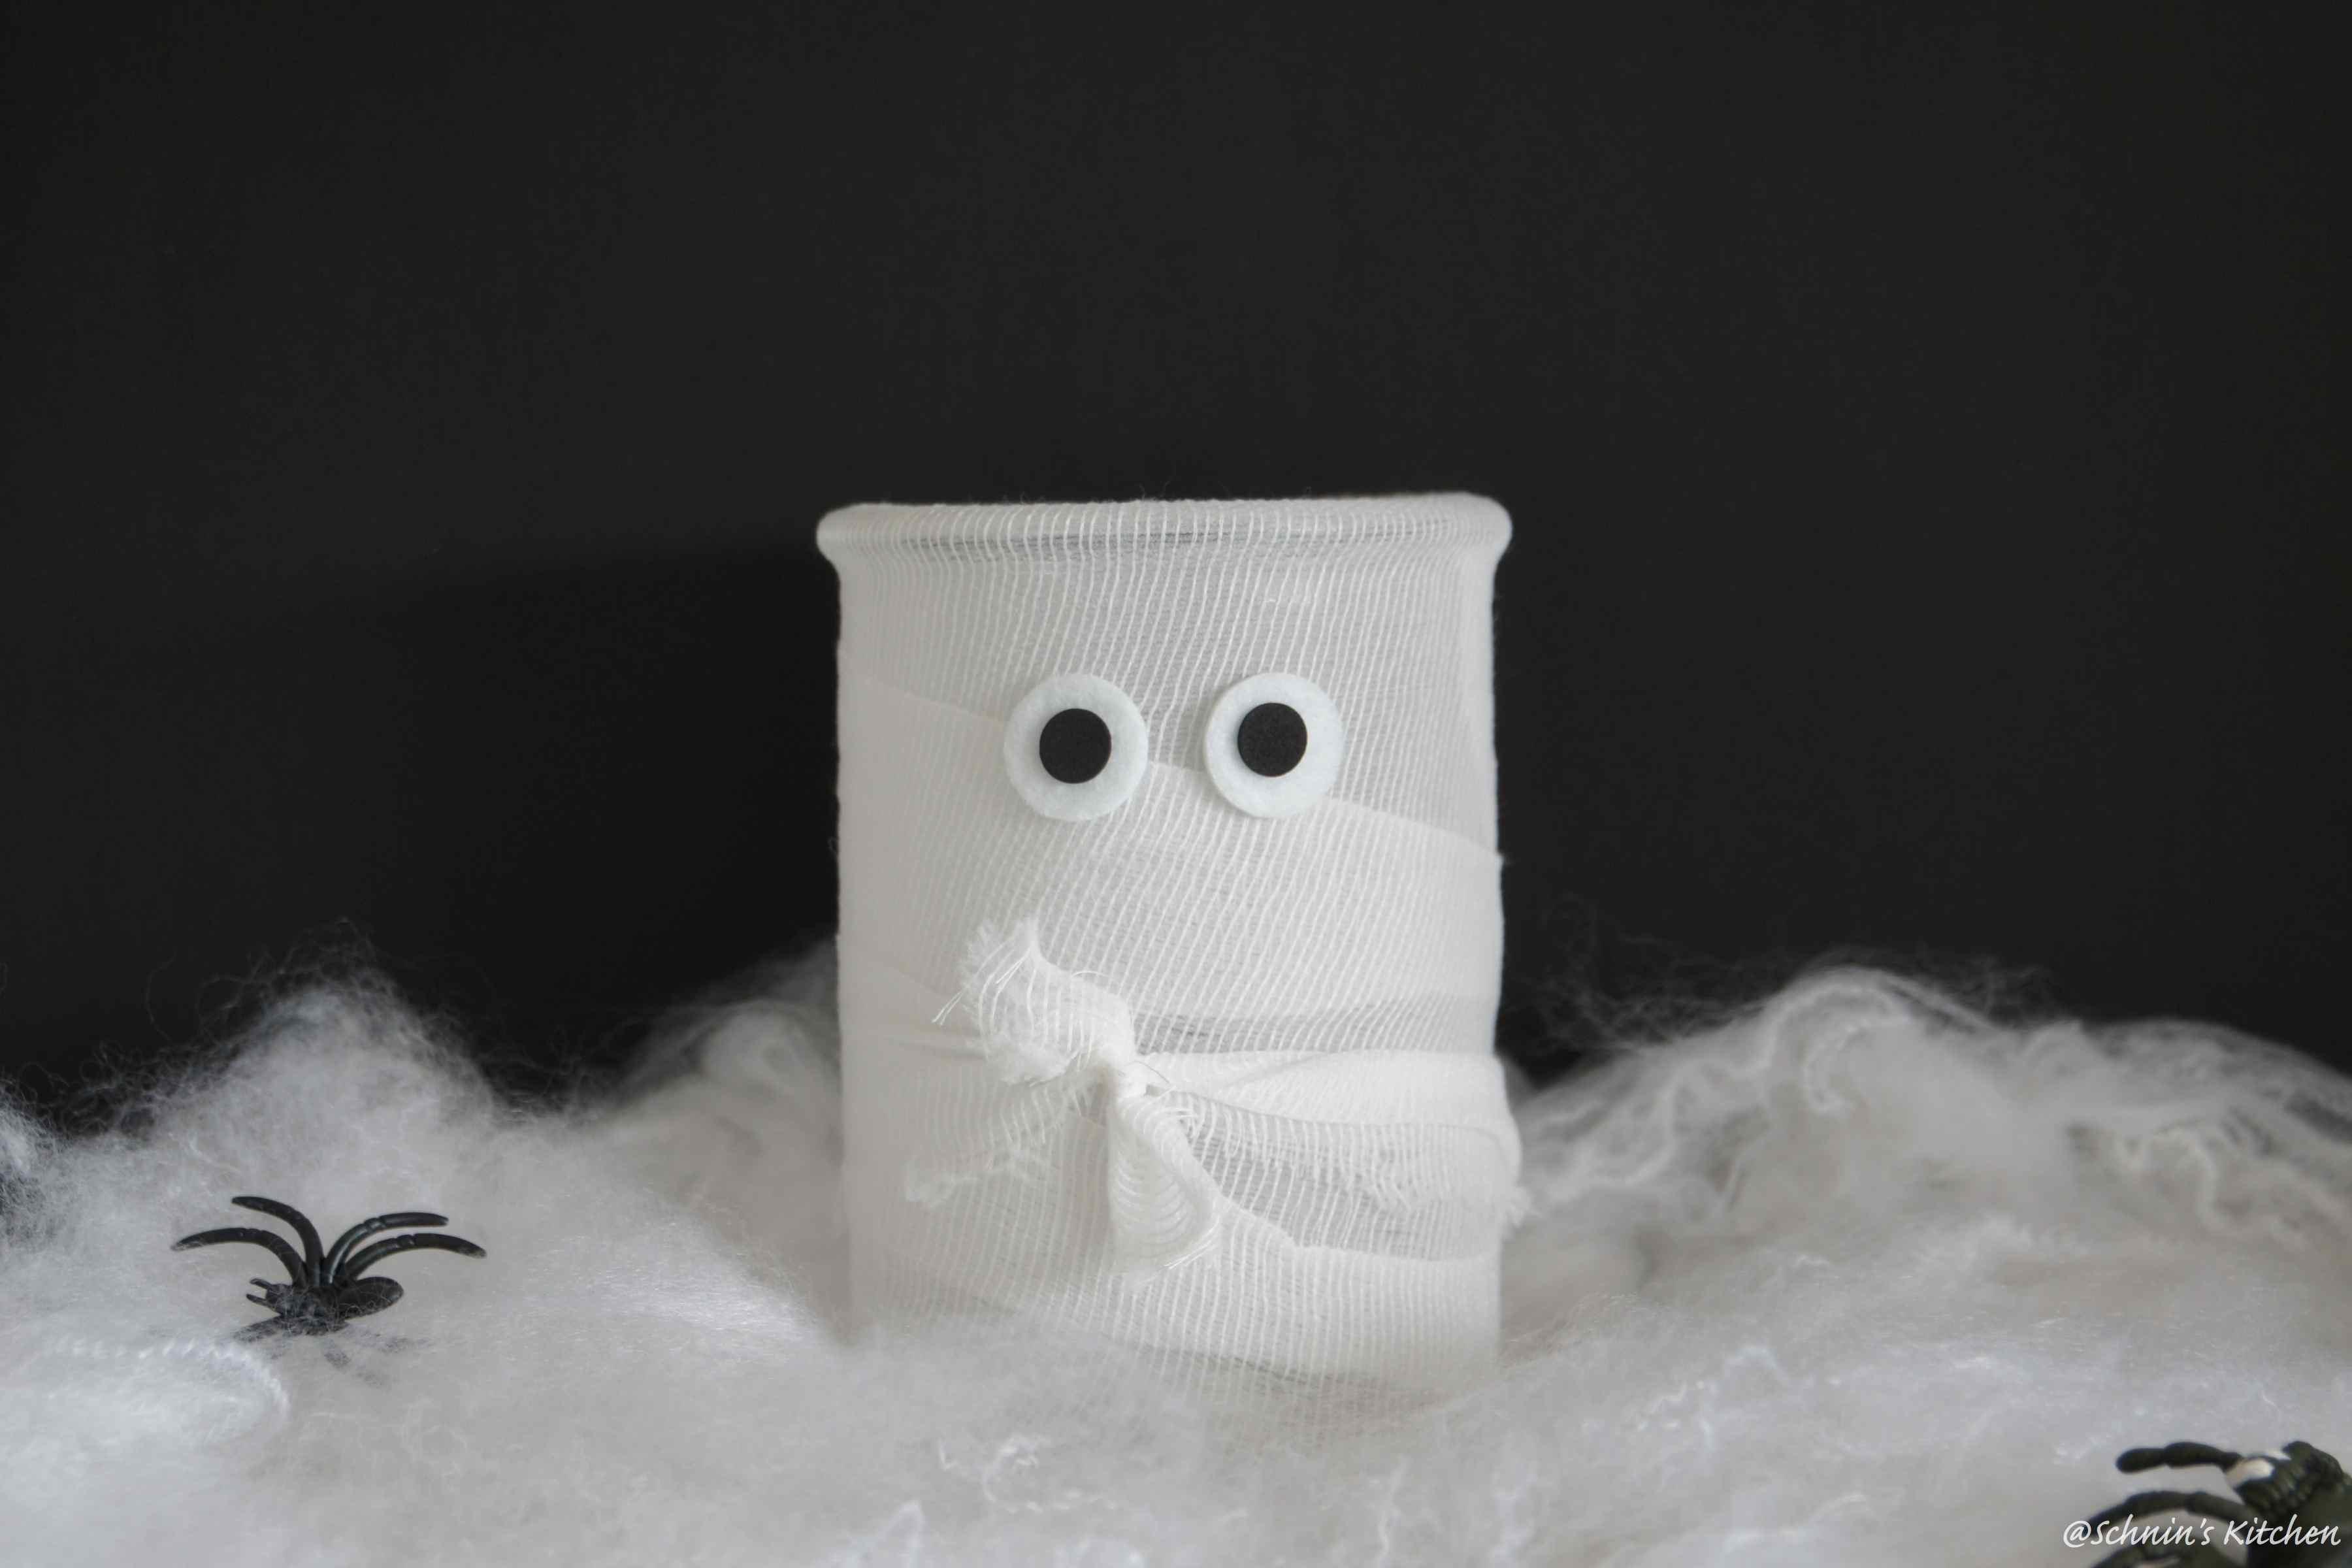 halloween diy t rkranz windlicht die mumien sind los schnin 39 s kitchen. Black Bedroom Furniture Sets. Home Design Ideas